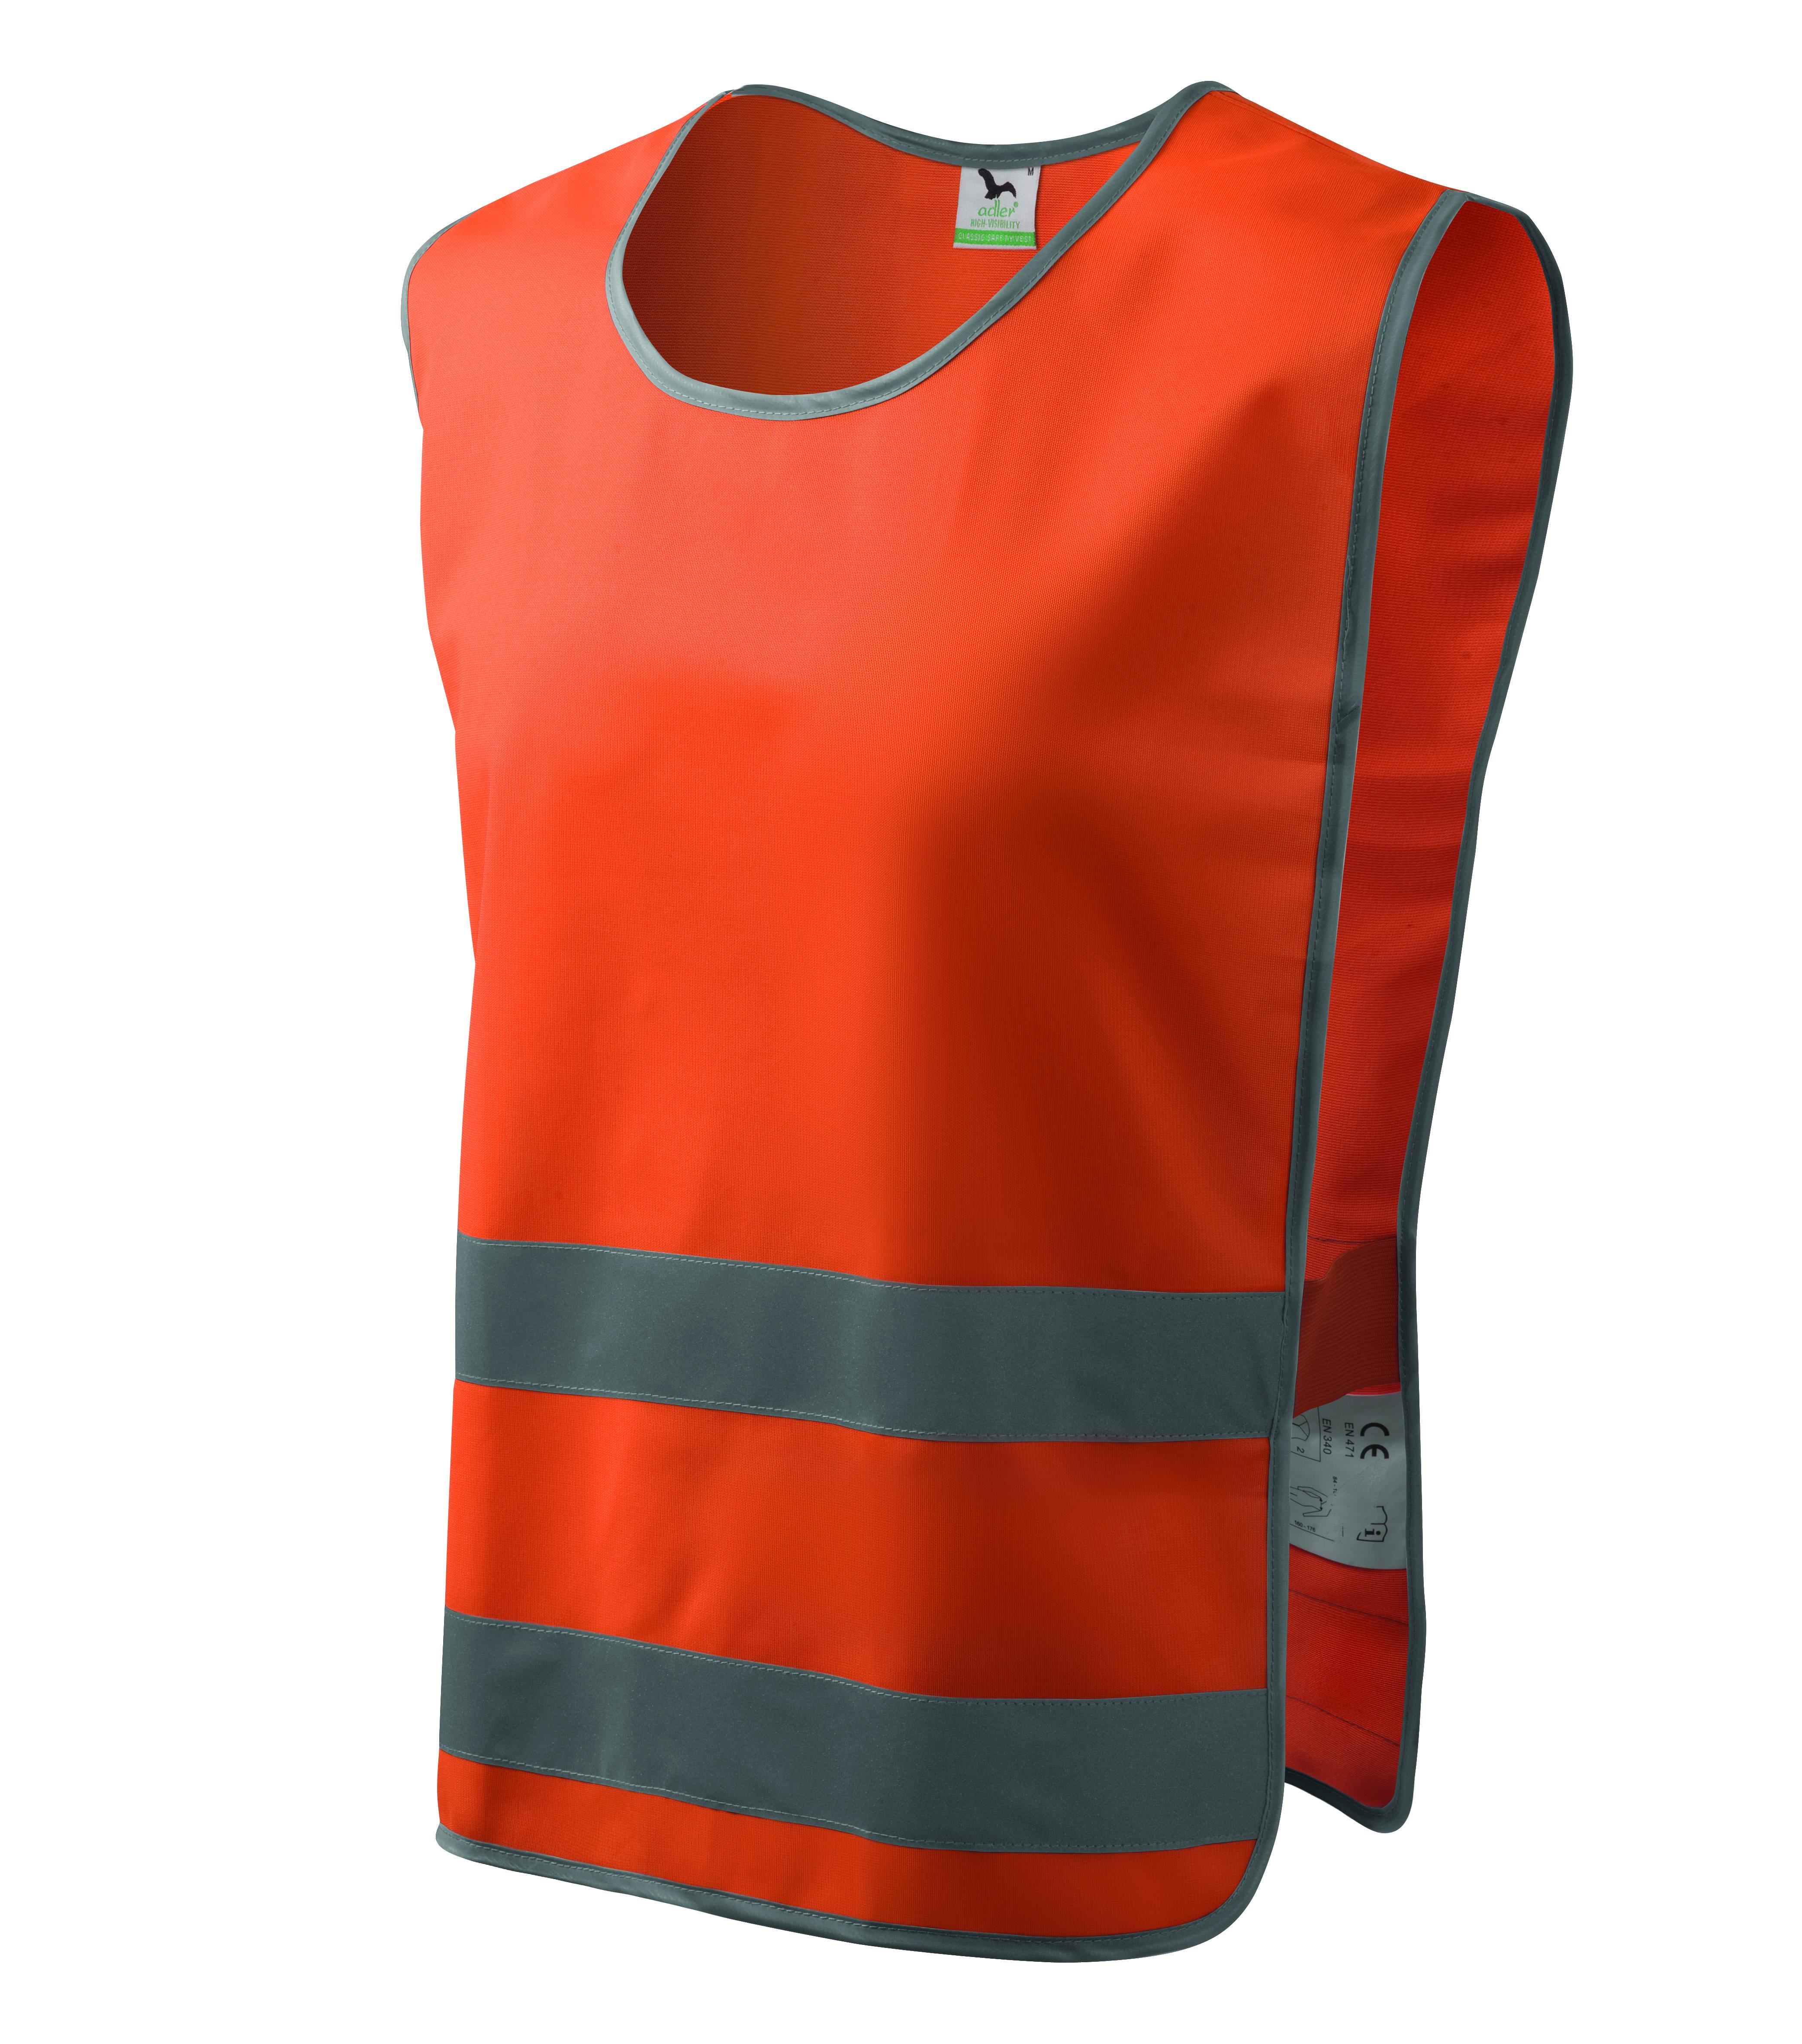 Pomarańczowa kamizelka odblaskowa Classic Safety Vest